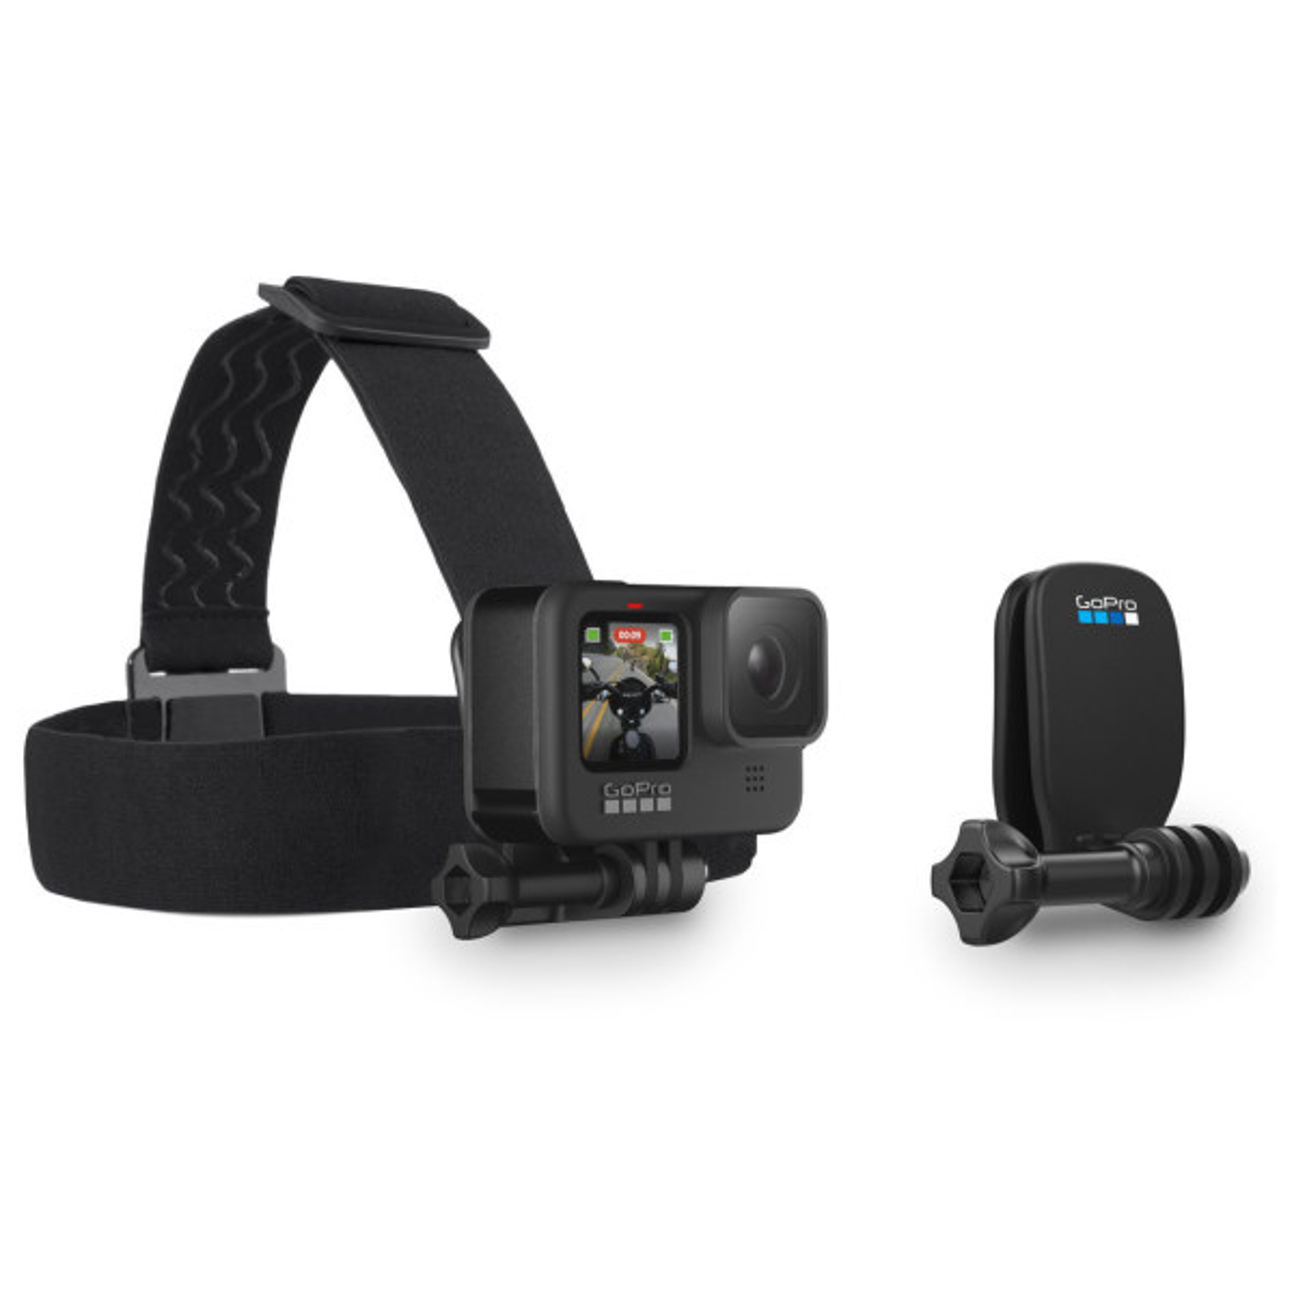 دوربین فیلم برداری ورزشی گوپرو مدل GOPRO HERO 9 همراه Gopro Head Strap